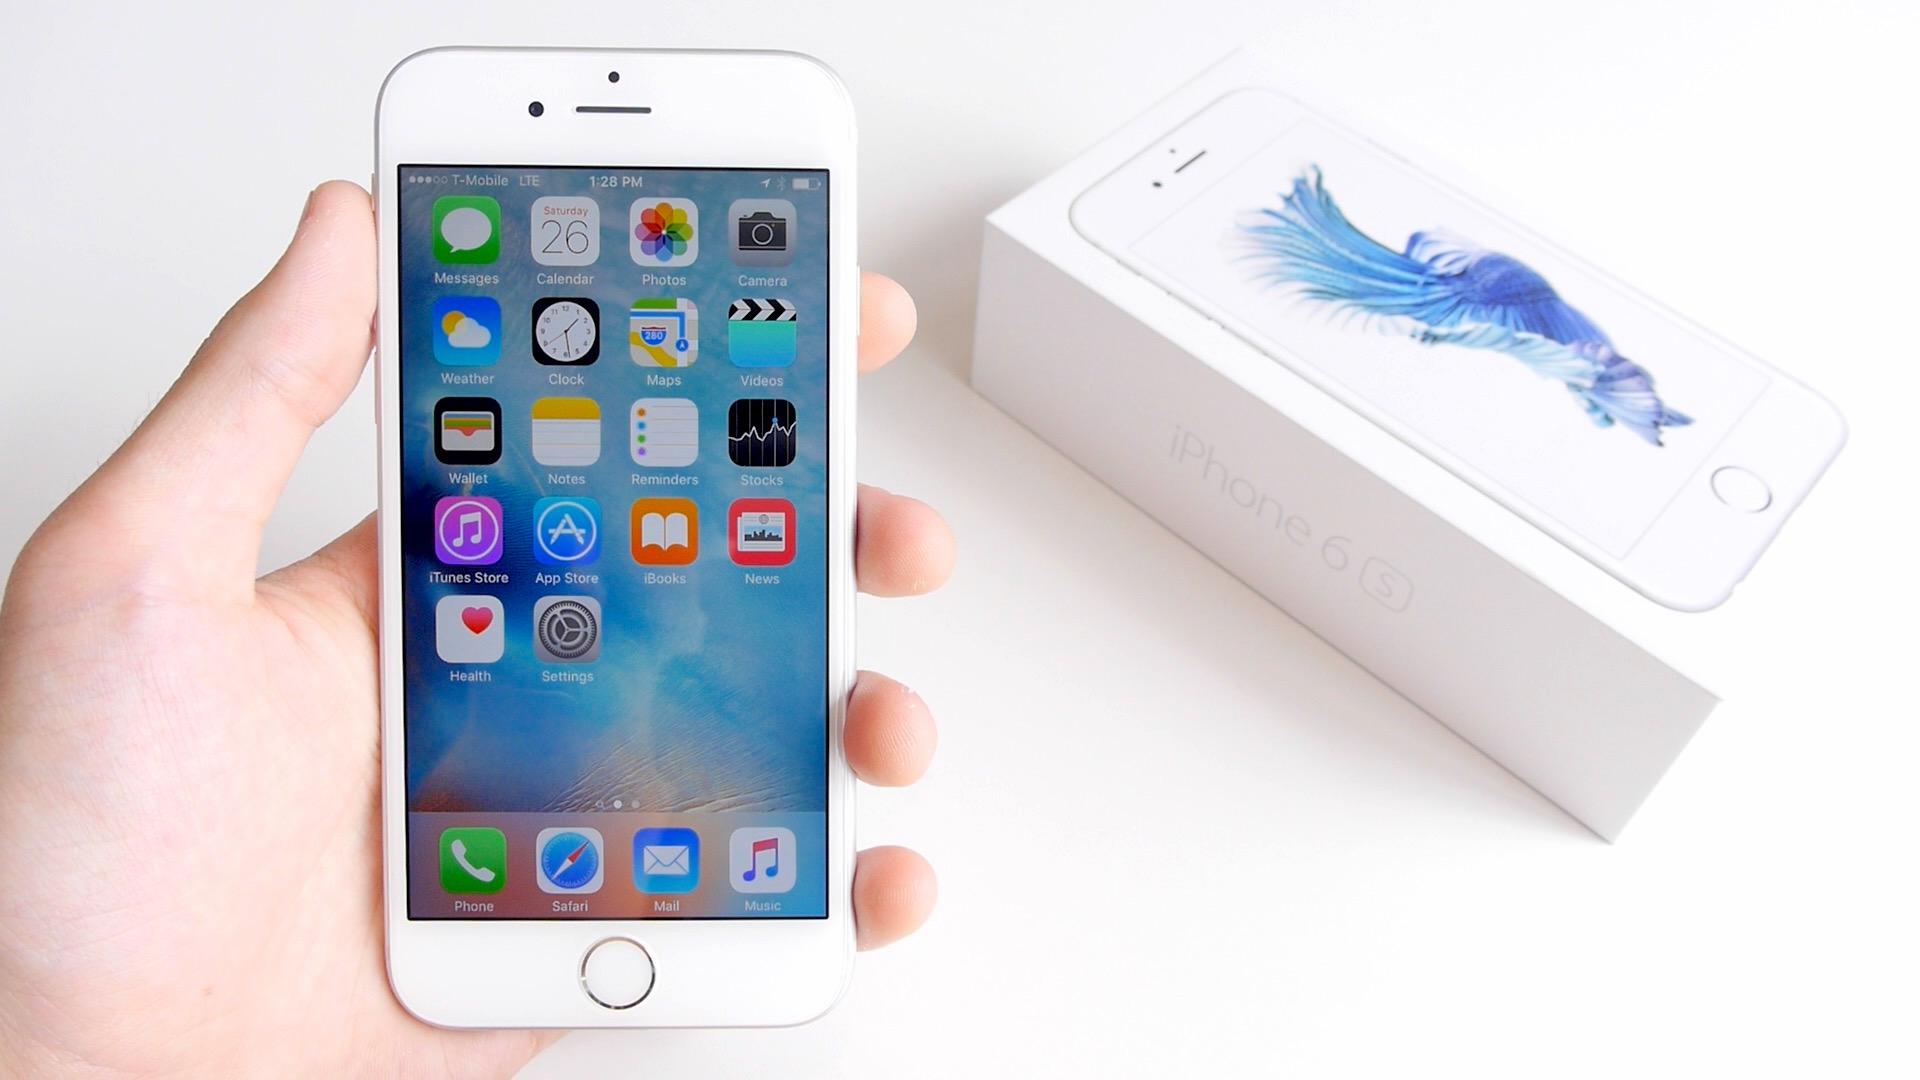 iphone 6s - Tổng hợp 5 ứng dụng hay và miễn phí trên iOS ngày 13.12.2016